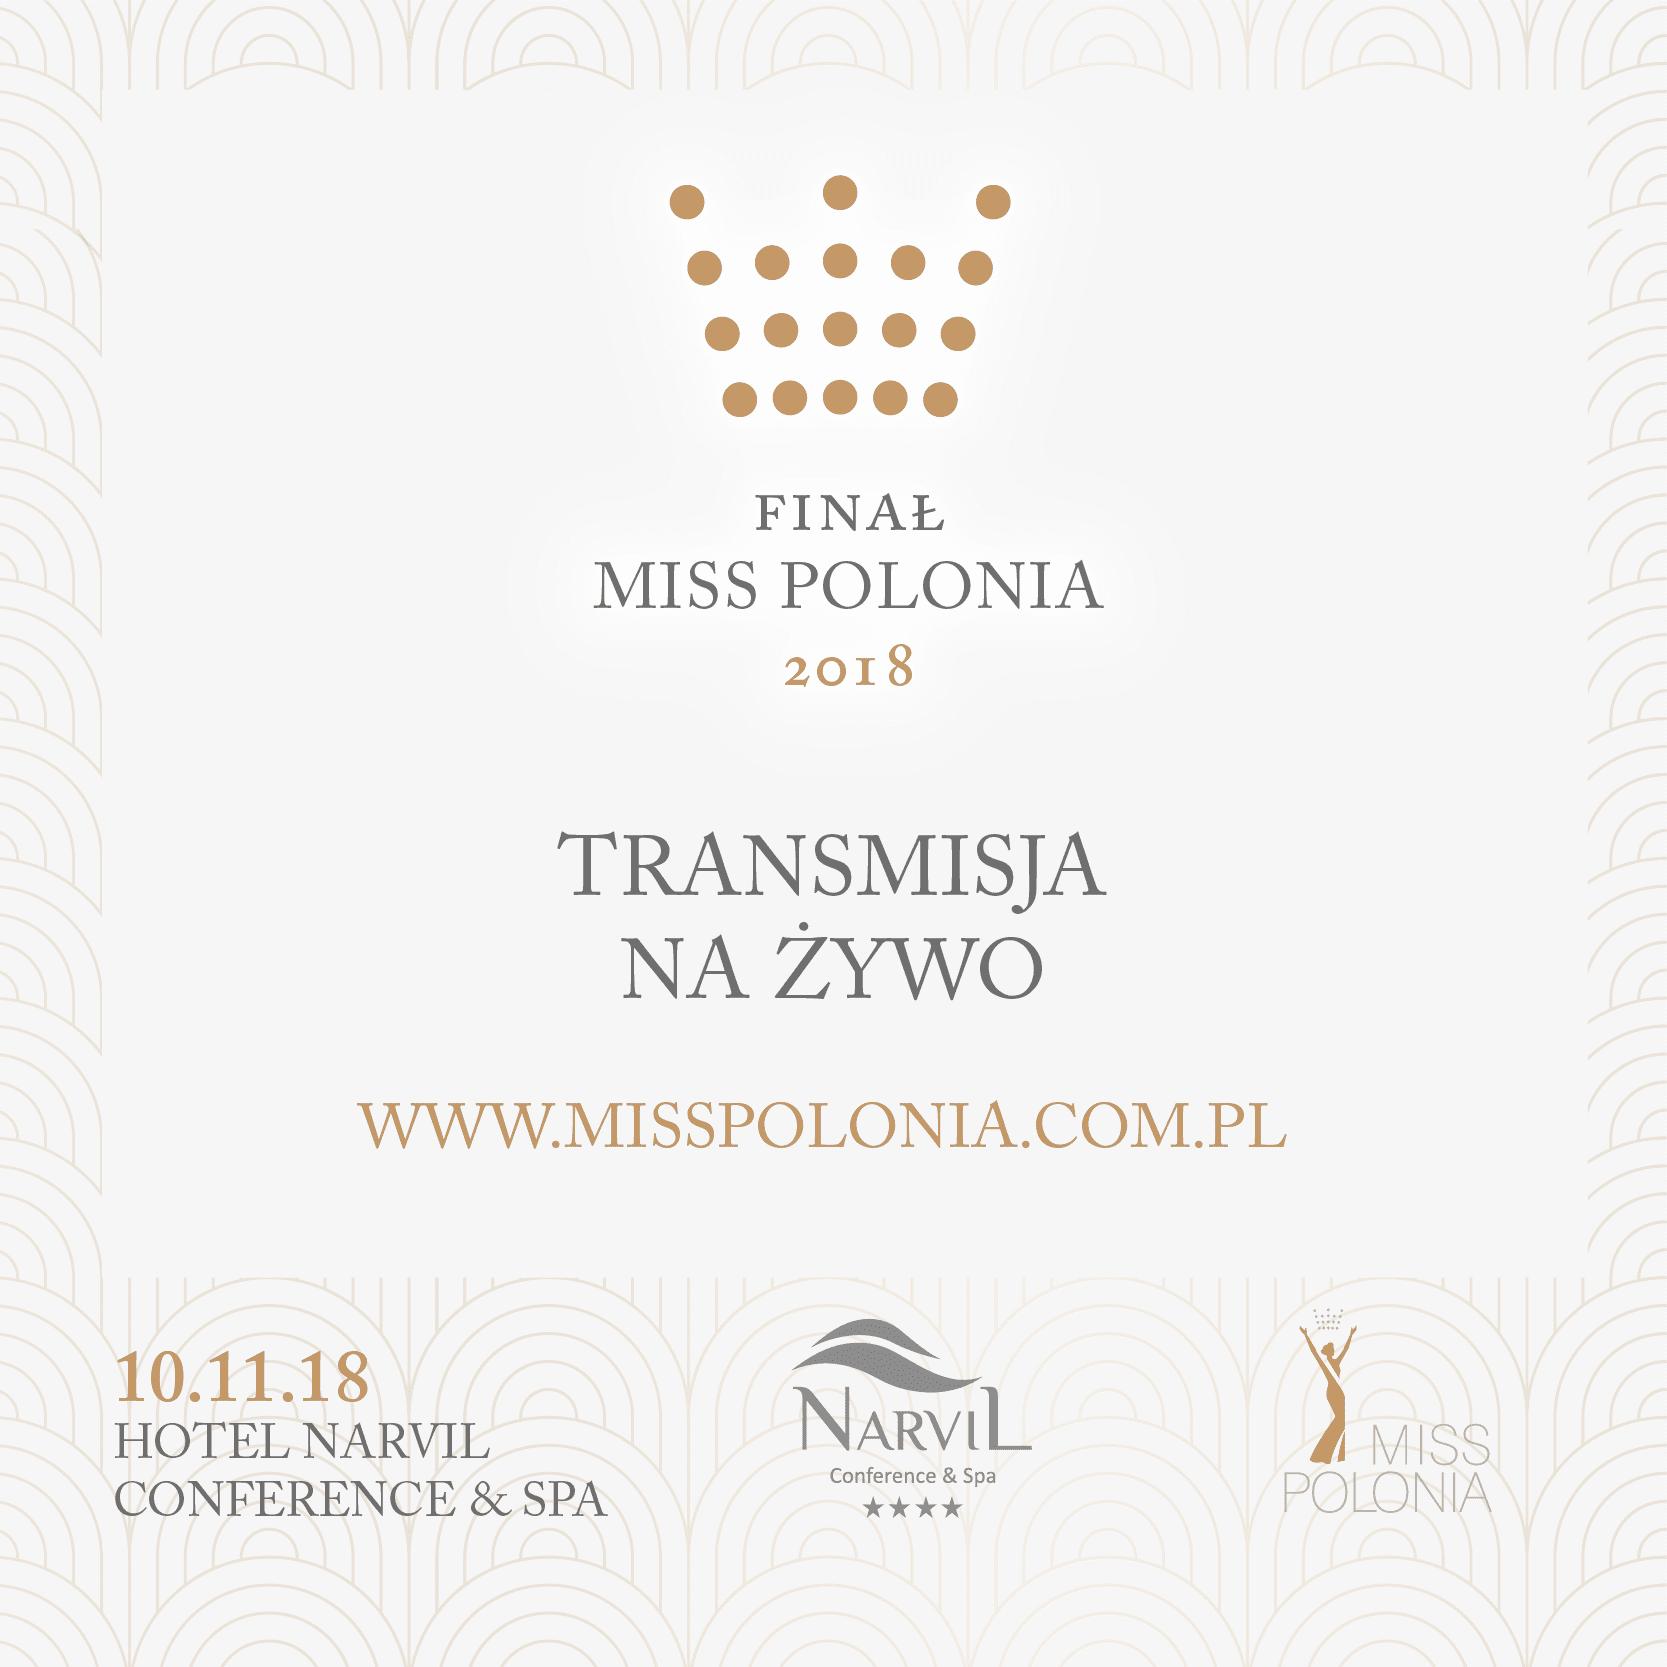 Transmisja na żywo z gali finałowej Miss Polonia 2018